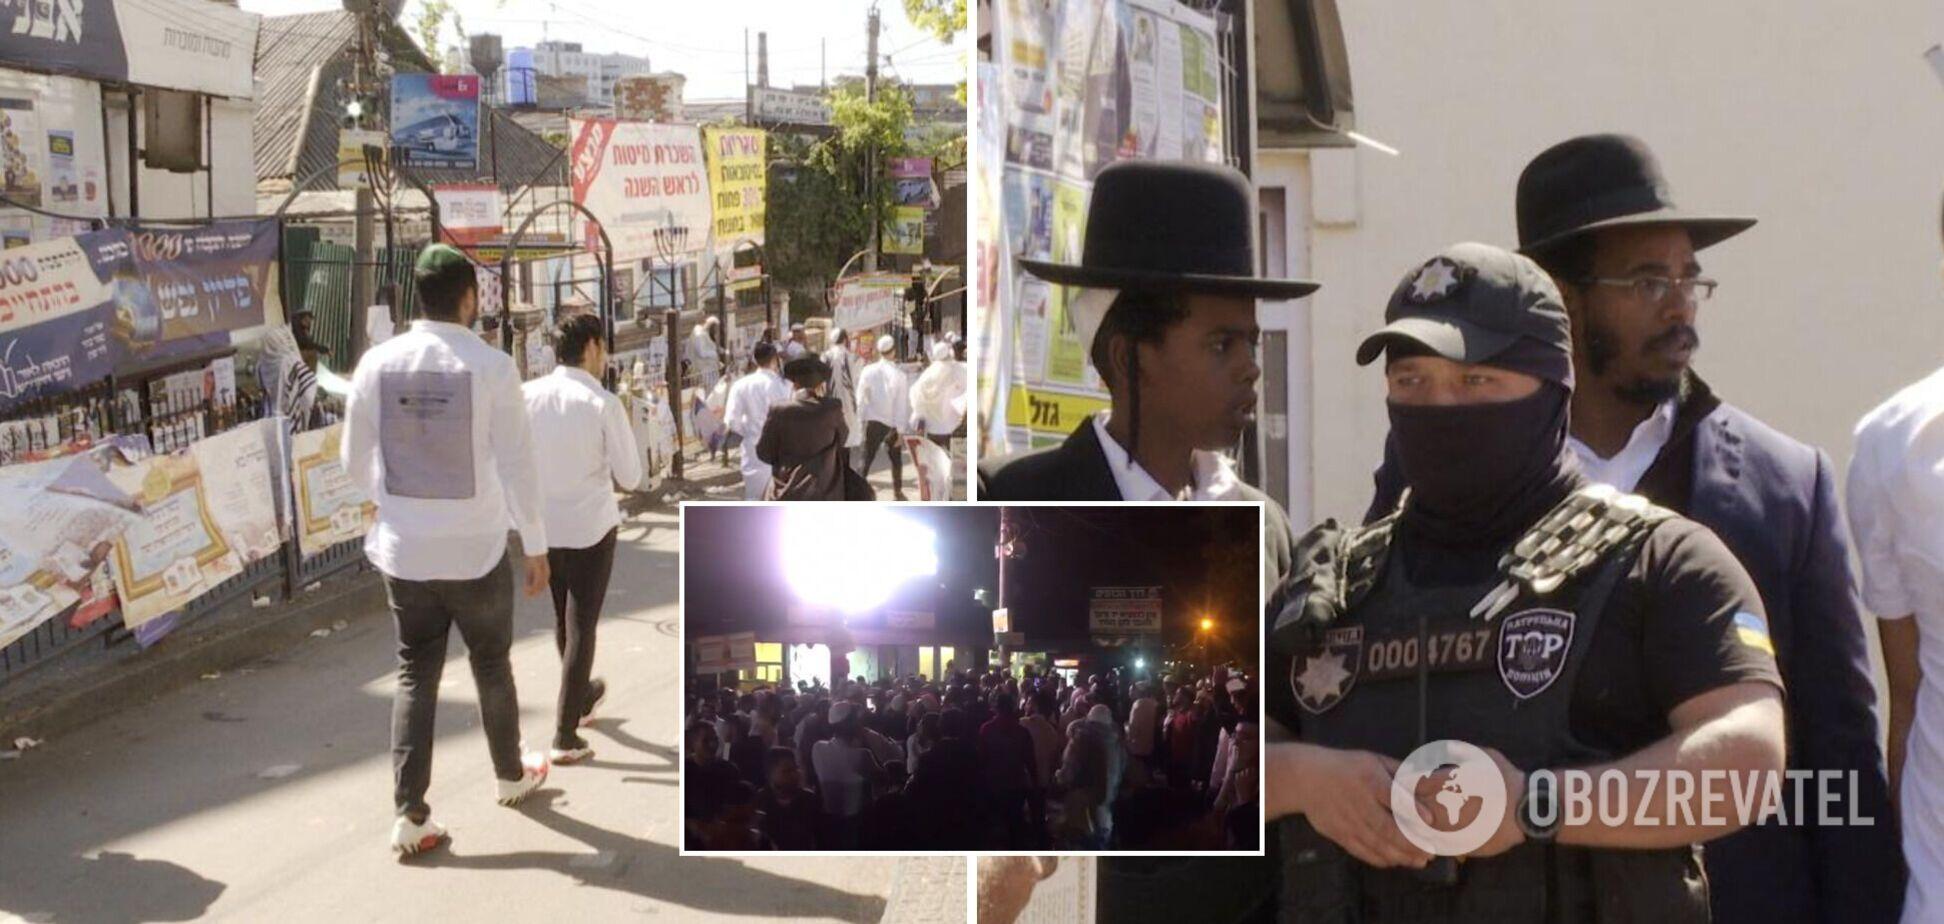 Свято Рош га-Шана завершилося, хасиди почали залишати Умань. Фото та відео